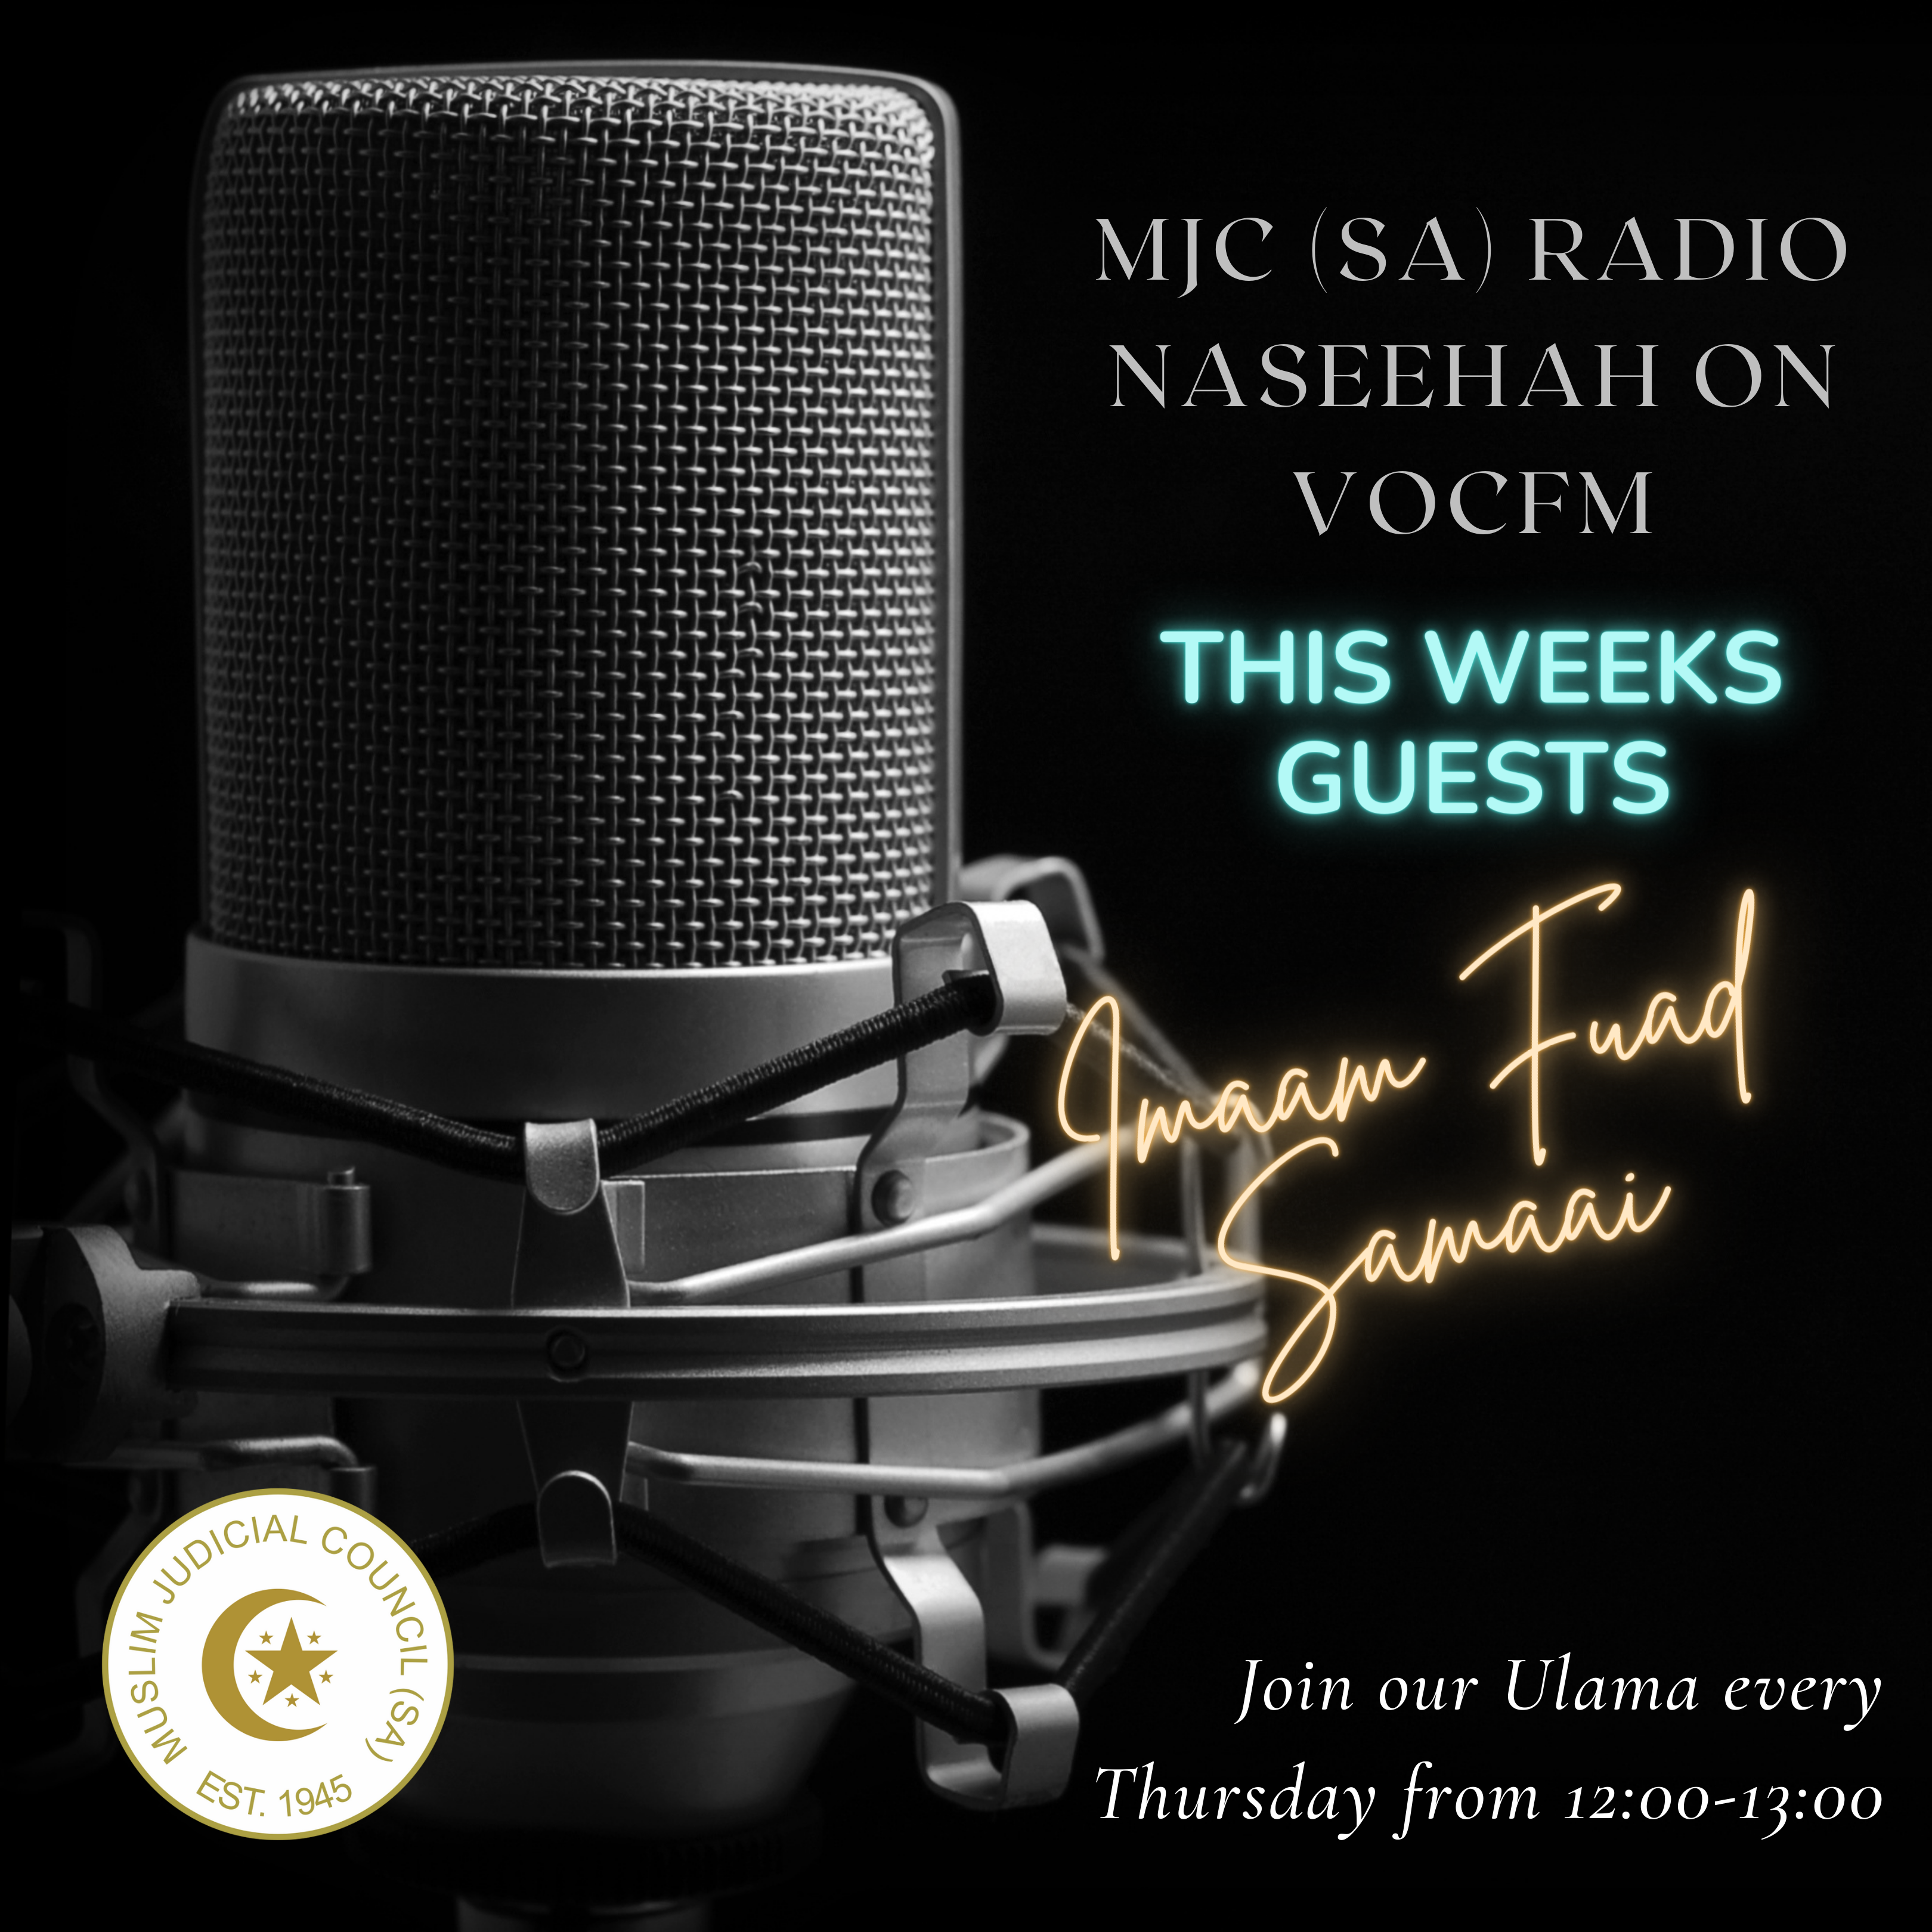 - fuad - MJC (SA) RADIO NASEEHAH ON VOC FM